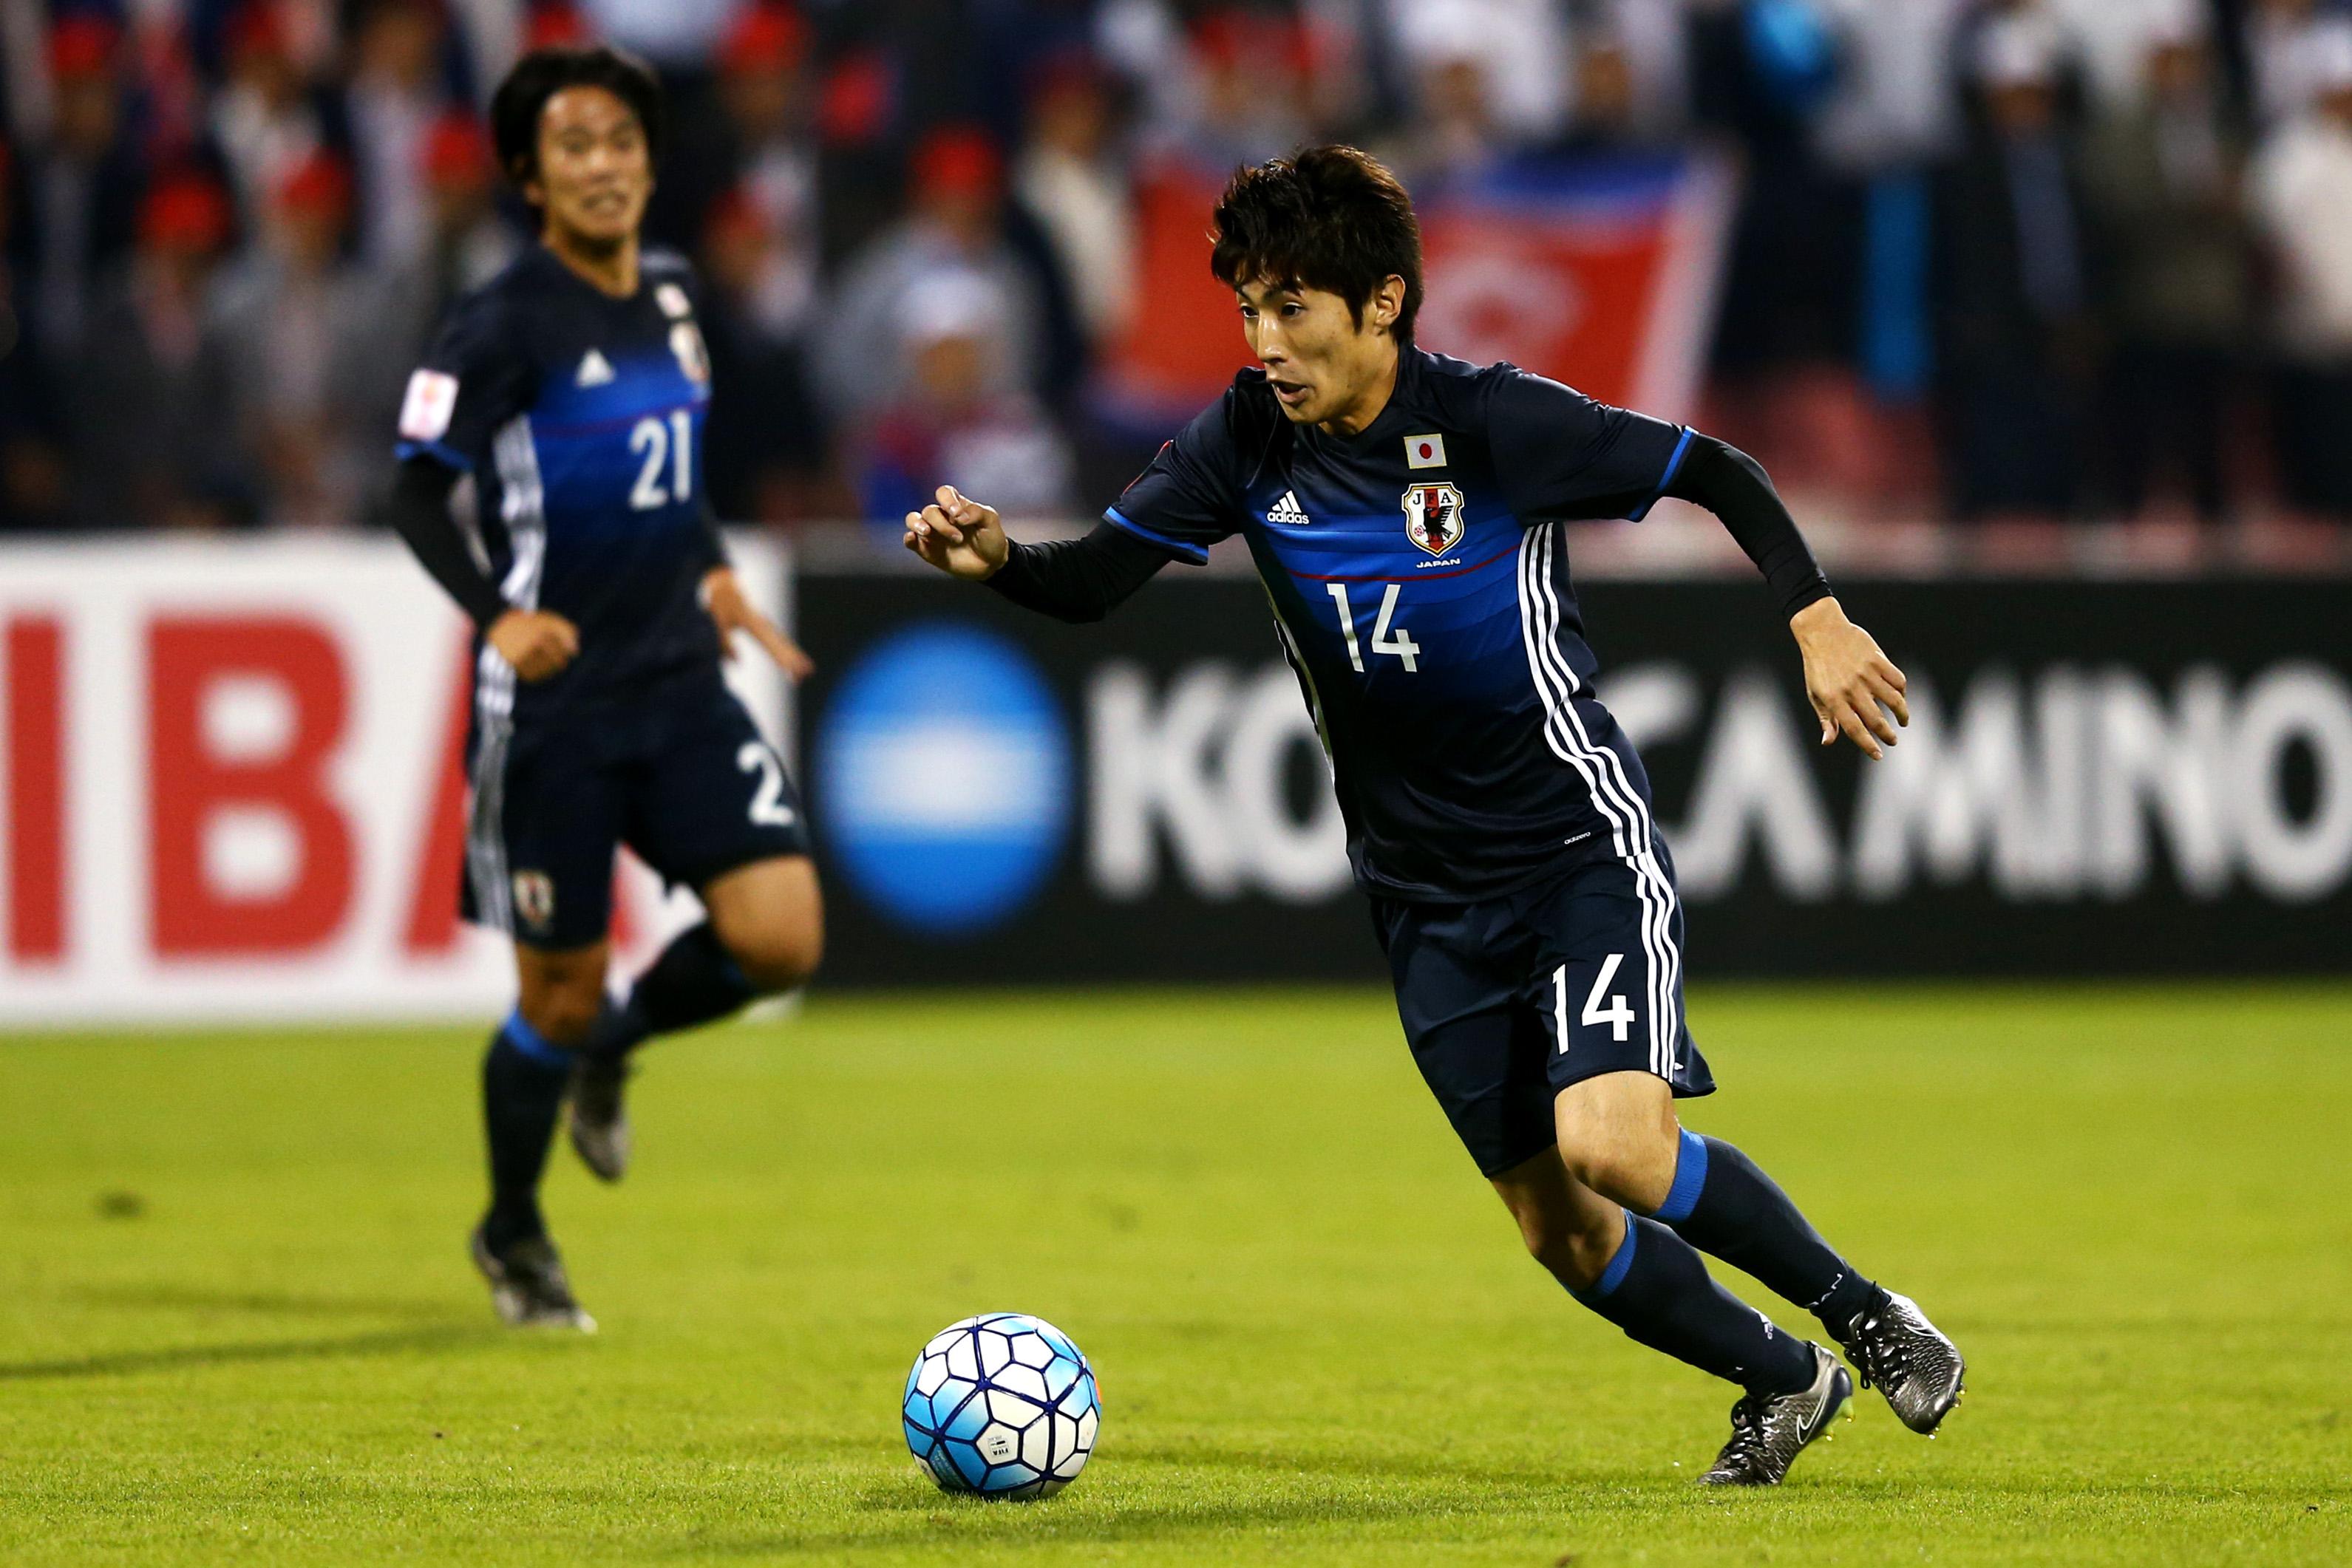 ทีมชาติญี่ปุ่น